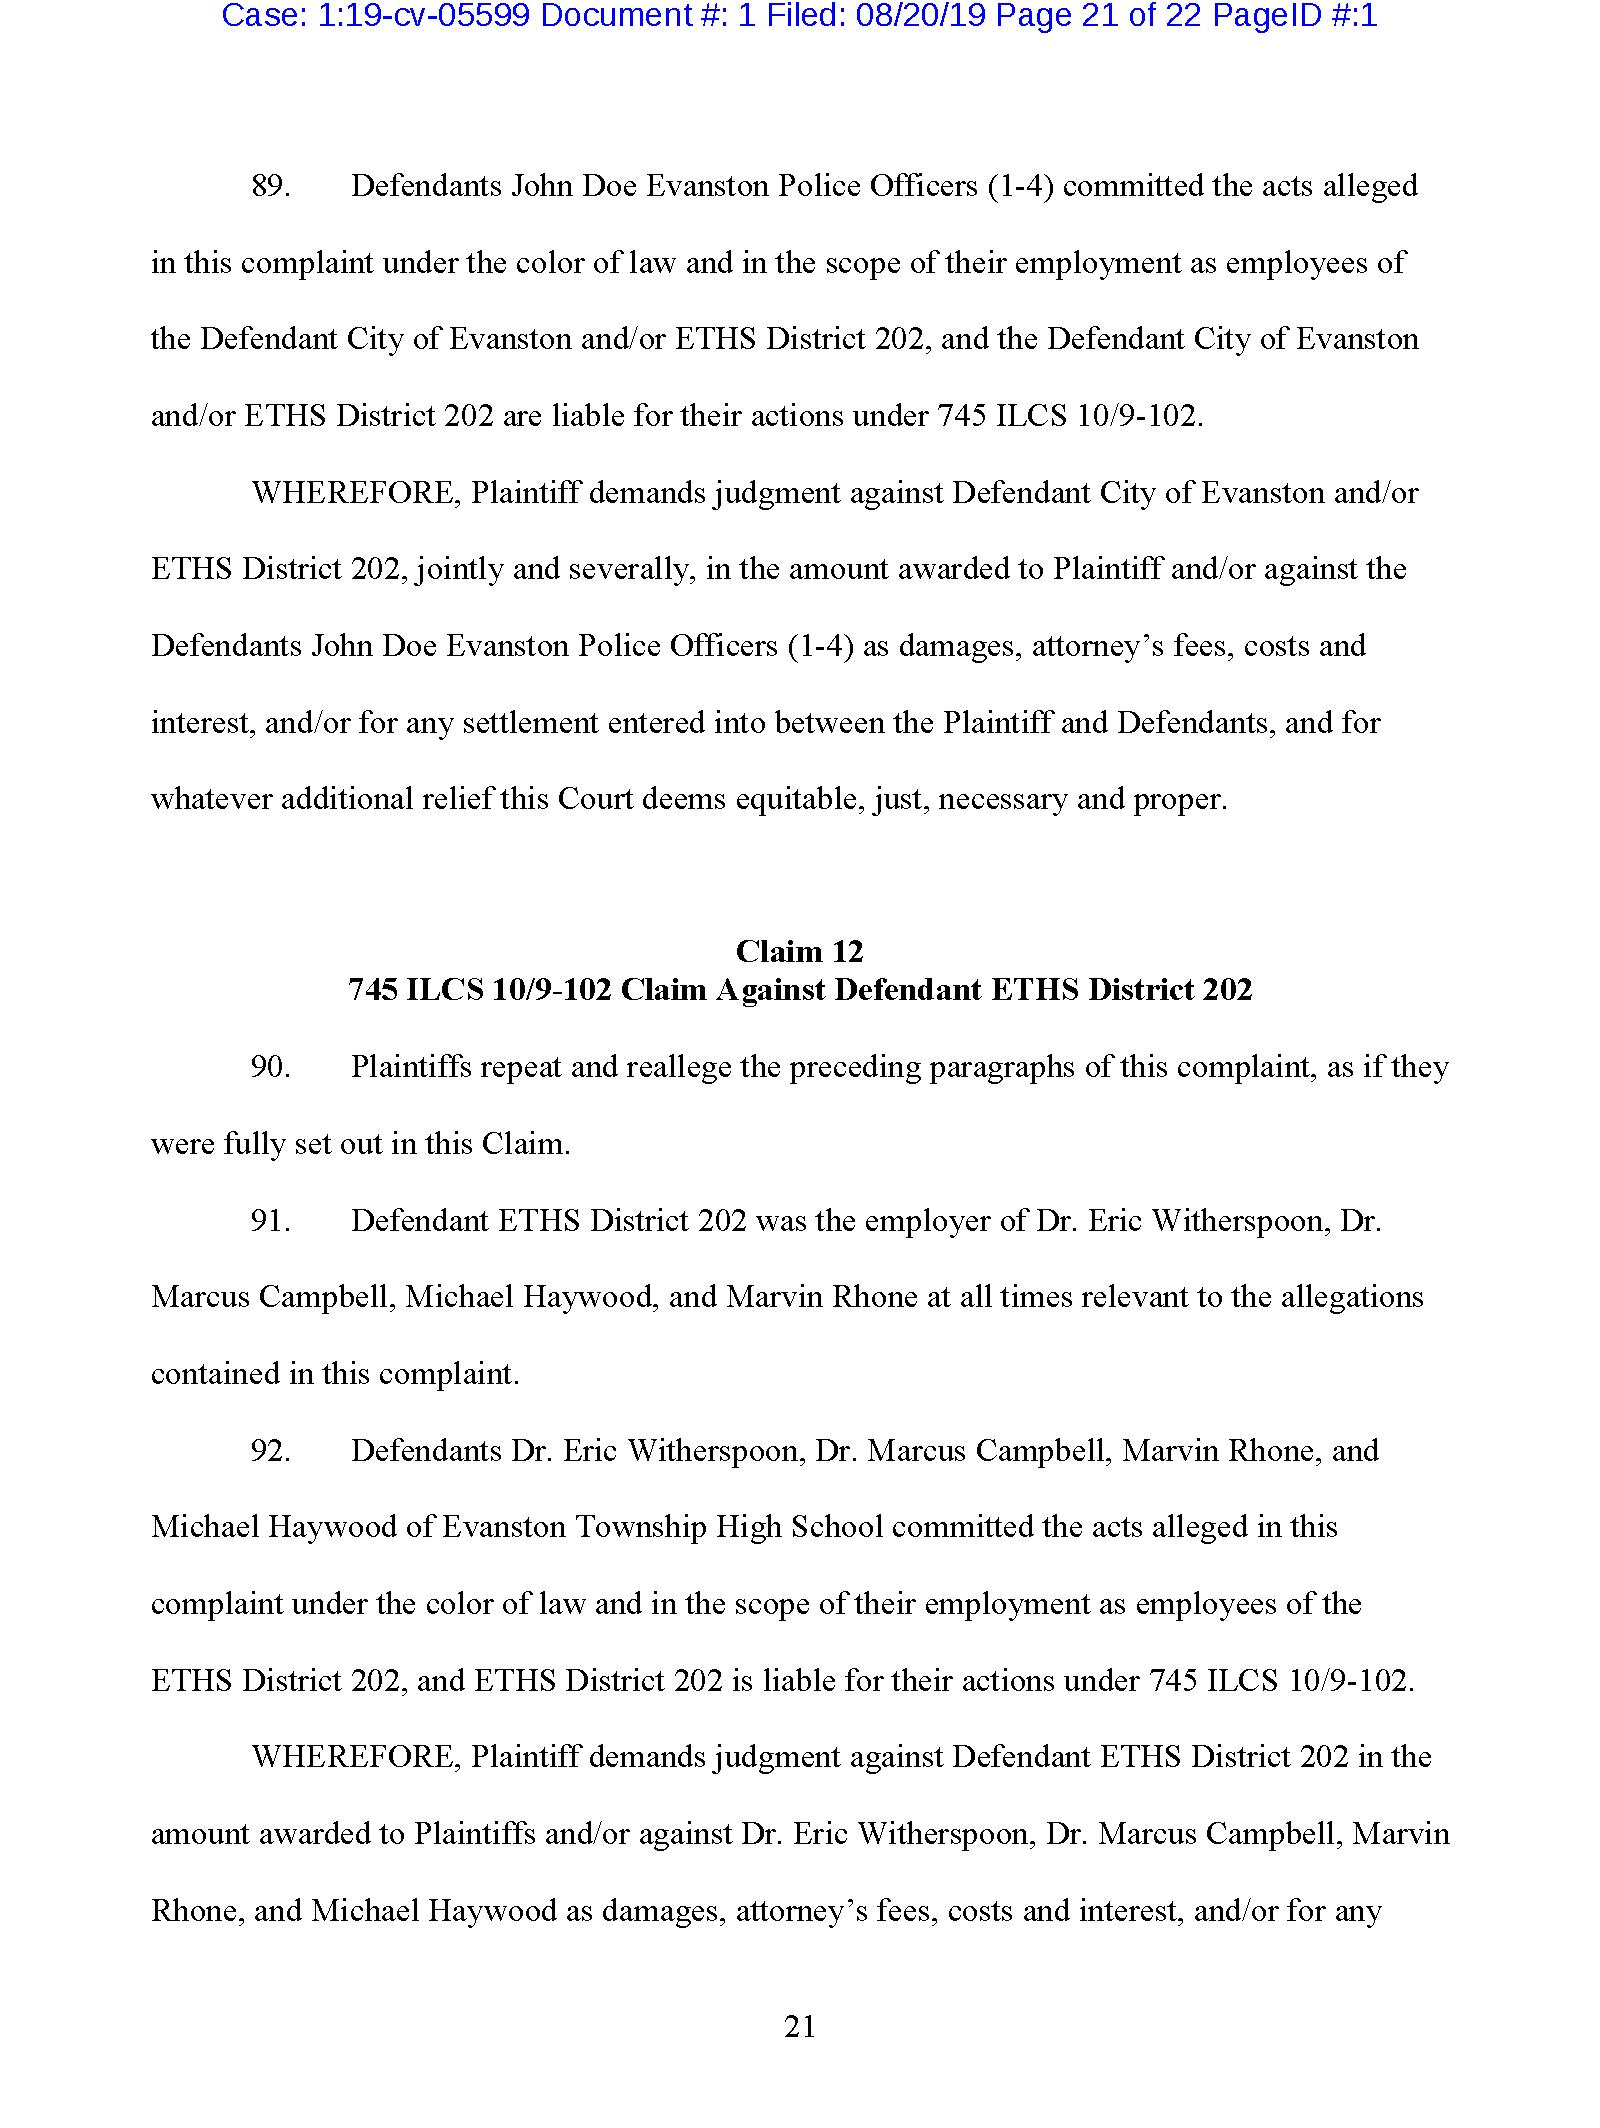 Copy of Complaint0121.png